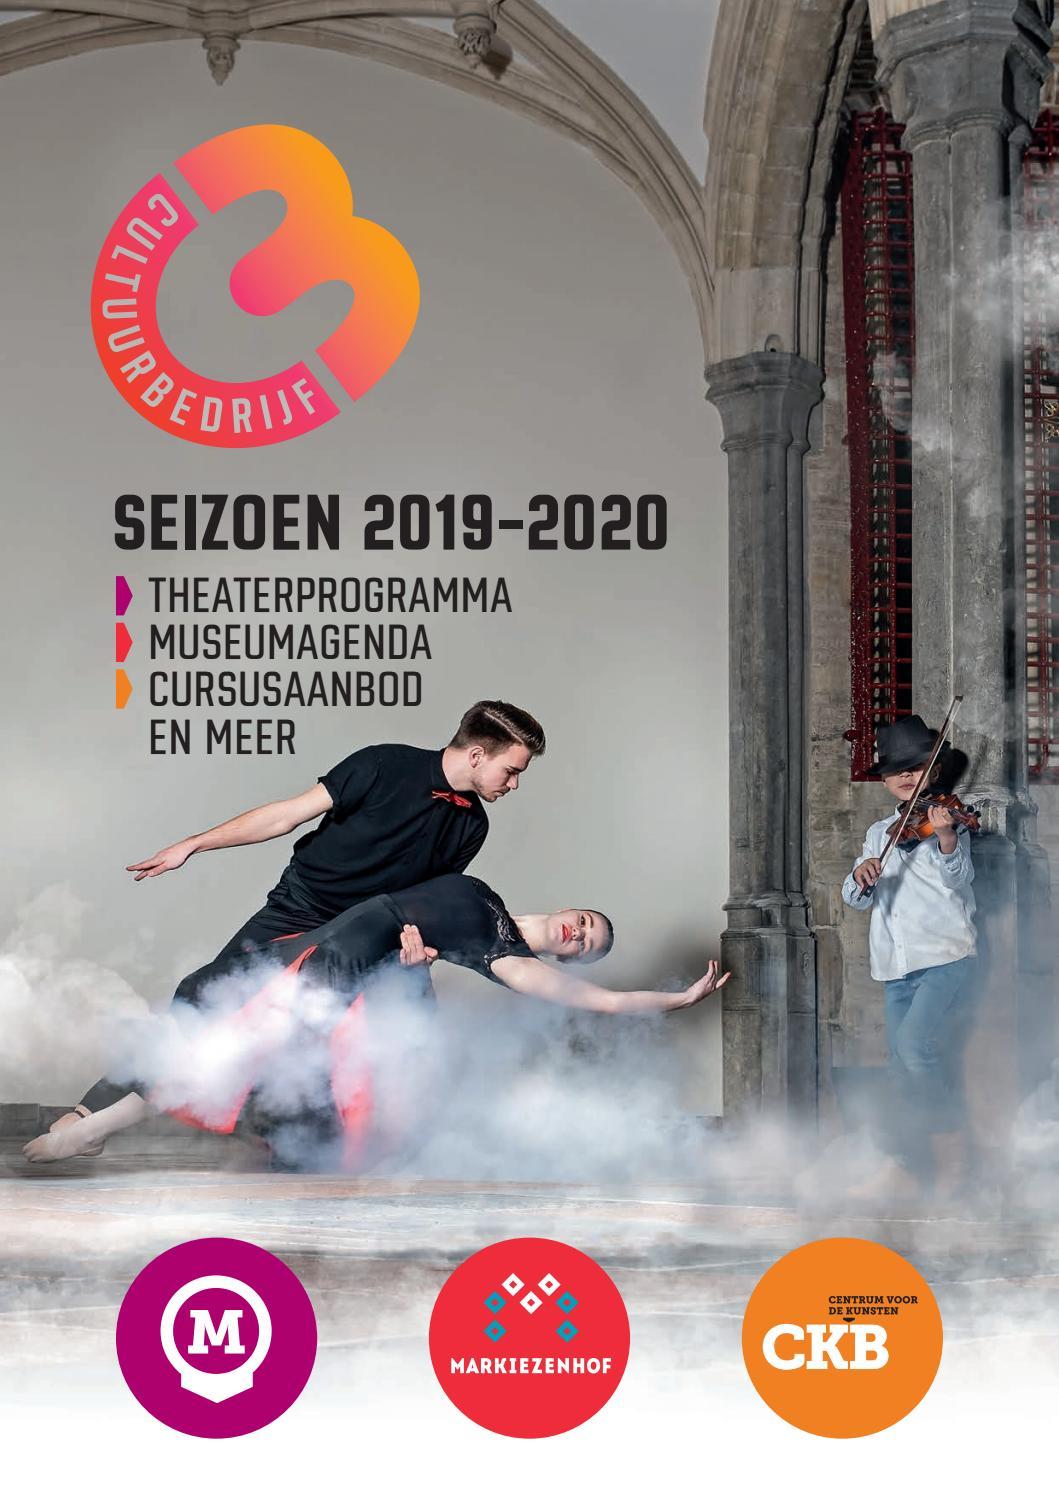 Brochure Cultuurbedrijf Seizoen 2019 2020 By Cultuurbedrijf Bergen Op Zoom Issuu